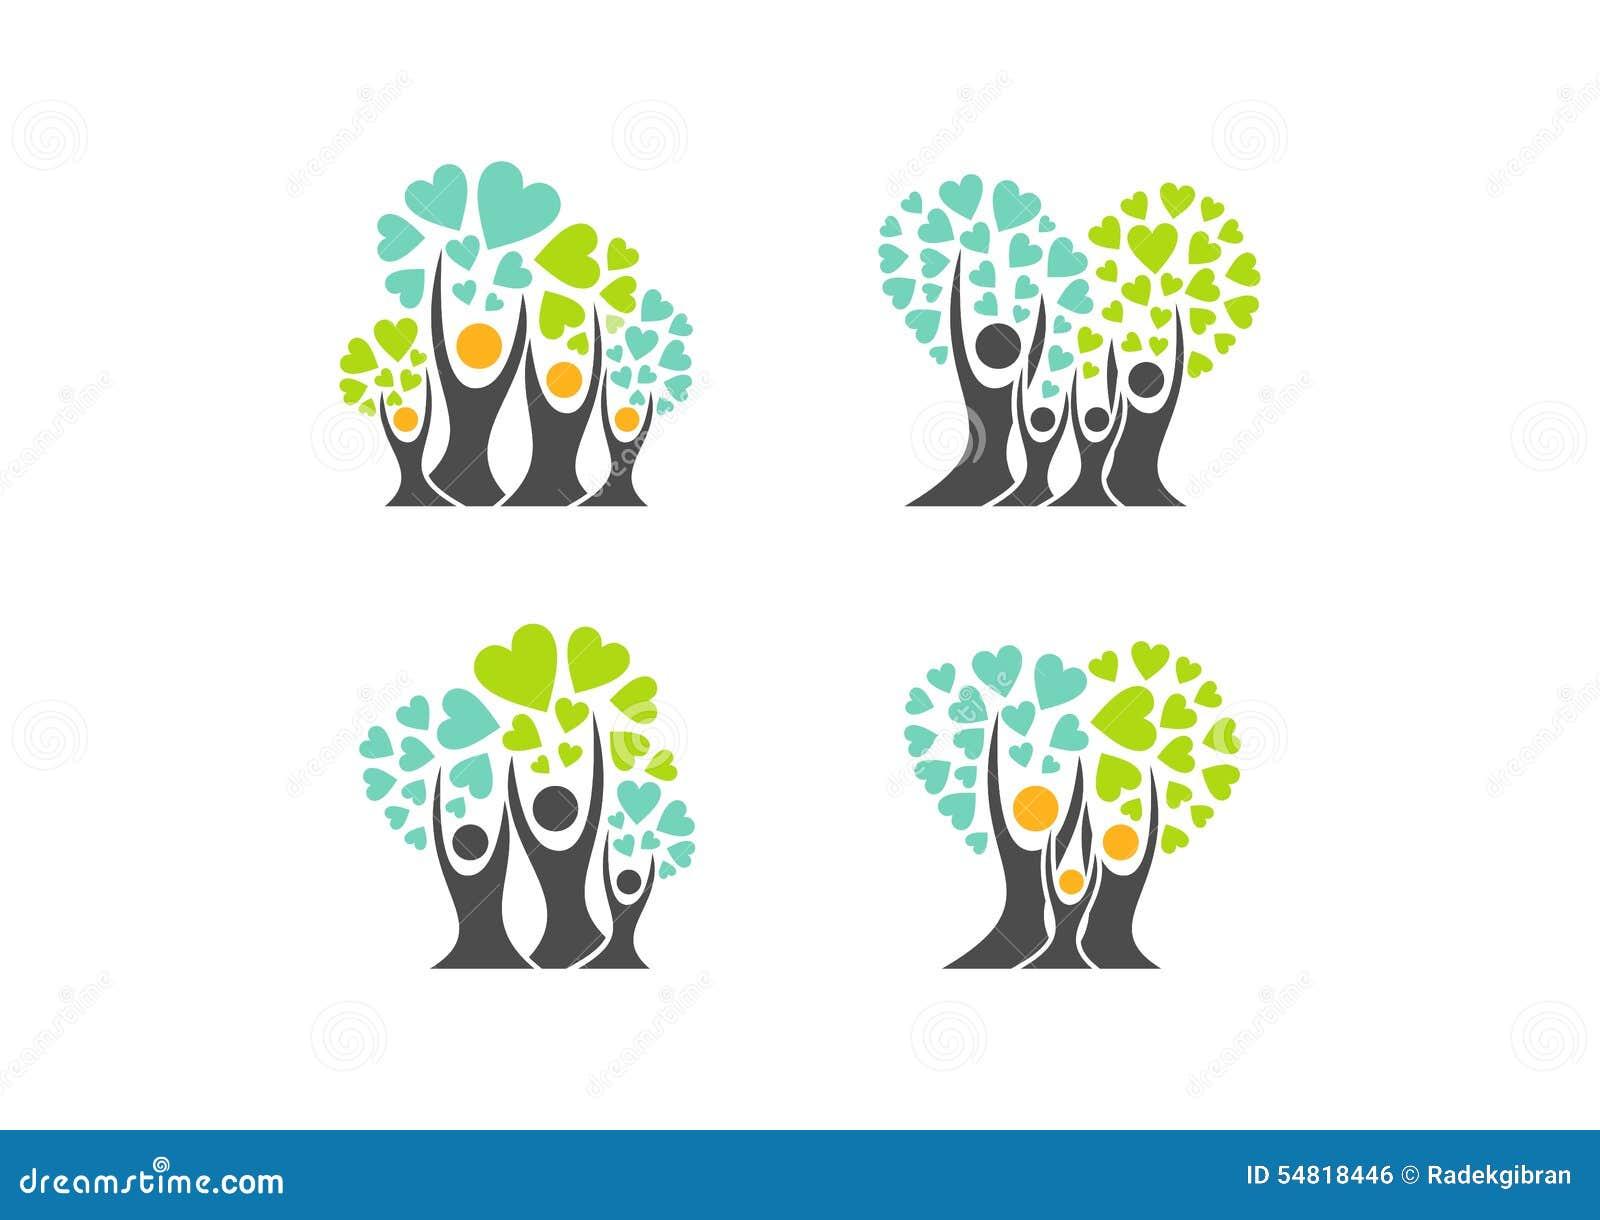 家谱商标,家庭心脏树标志,父母,孩子,育儿,关心,卫生教育集合象设计传染媒介